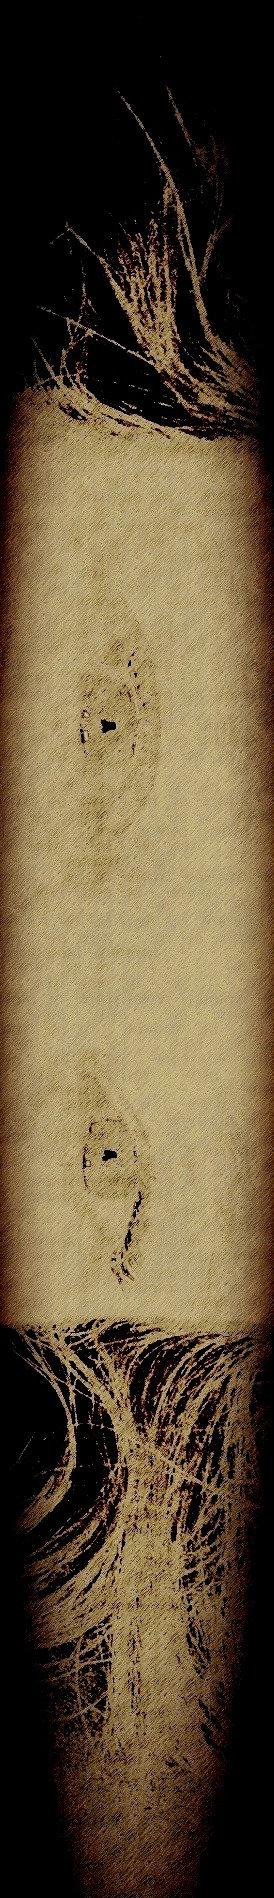 IMG_20190429_170320%2520copia_edited_edi